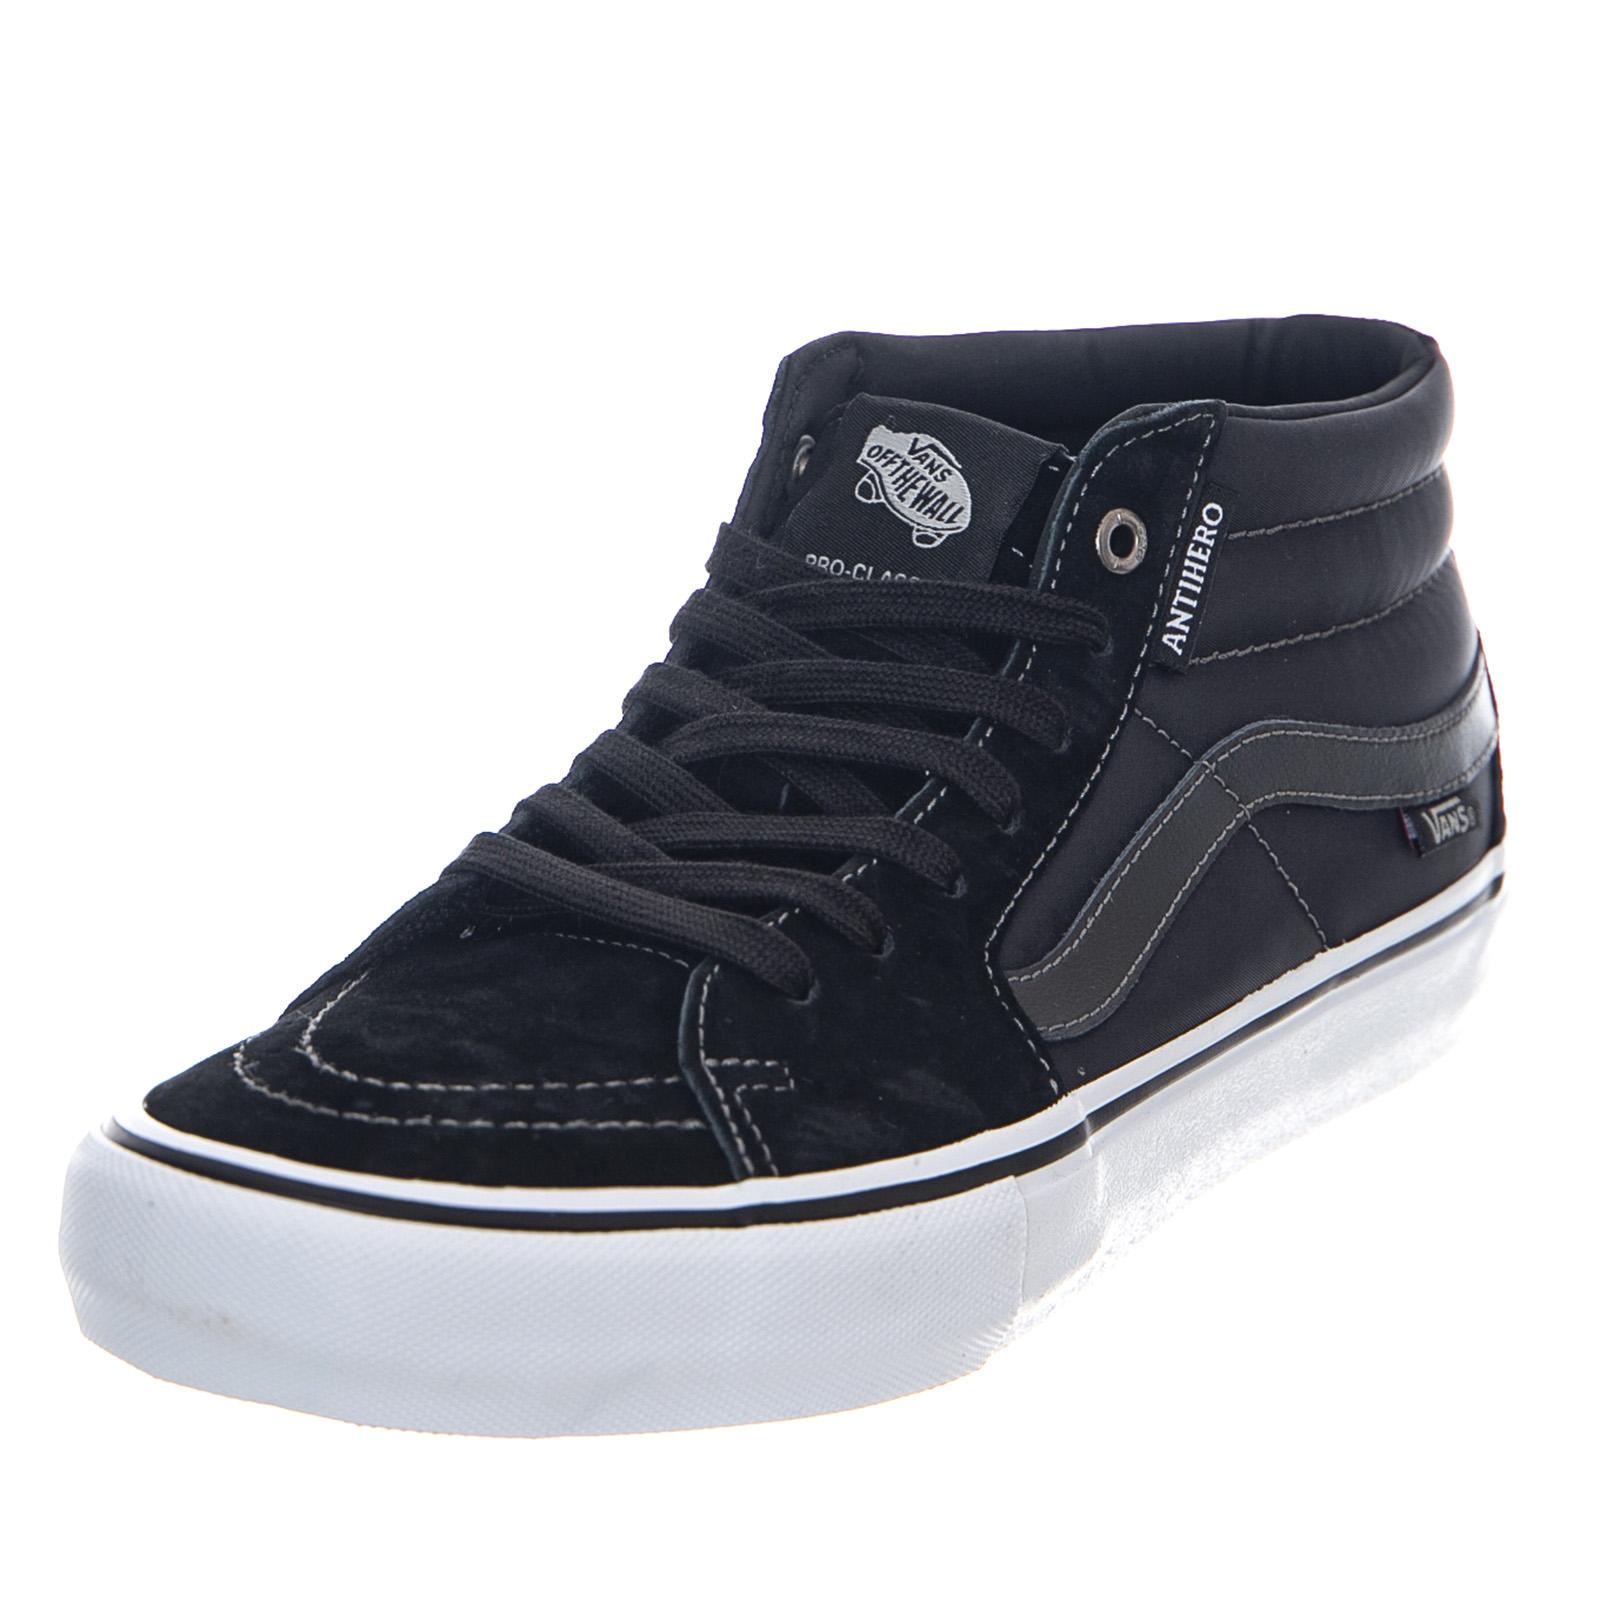 7873f6aff79717 Vans Mn vans X Antihero Sk8-Mid Pro - Large Black - High Sneakers ...